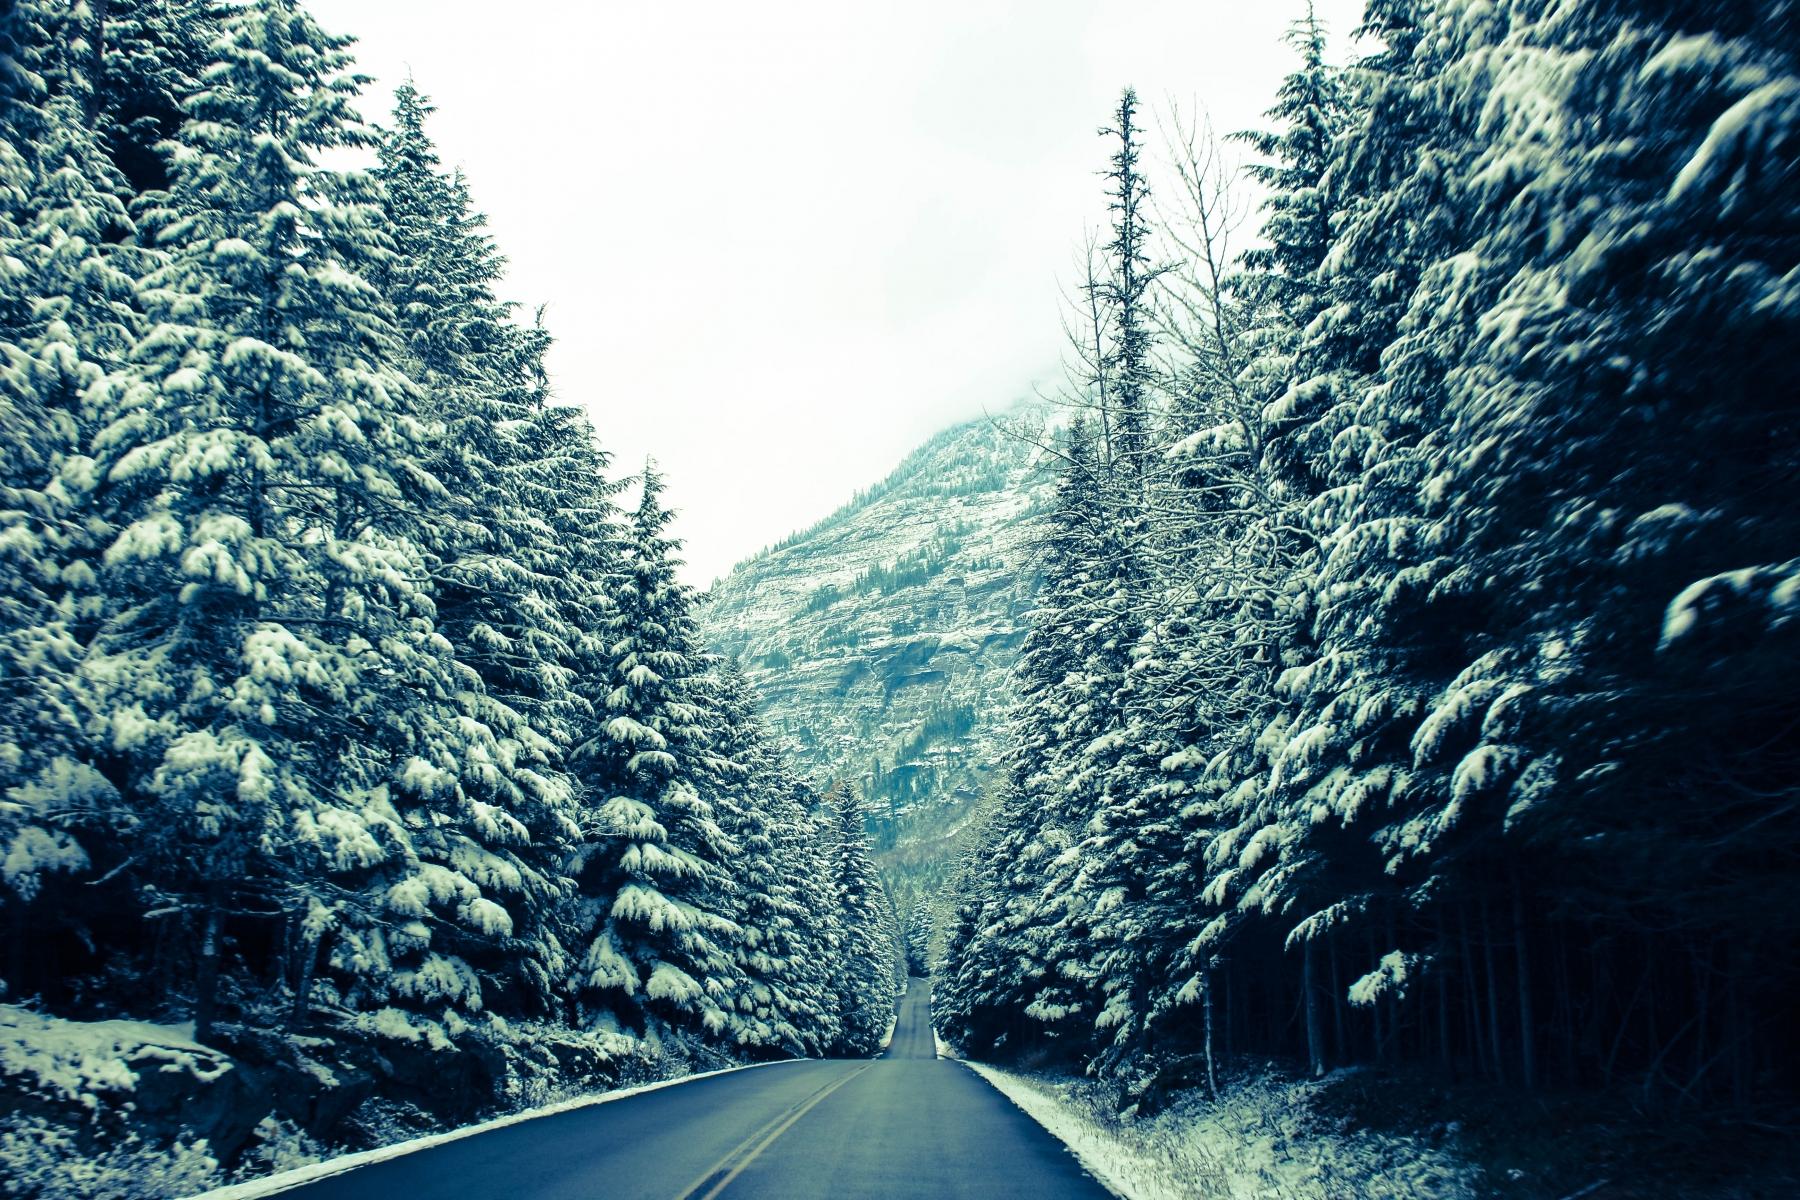 Cool Morning Run Through the Mountains